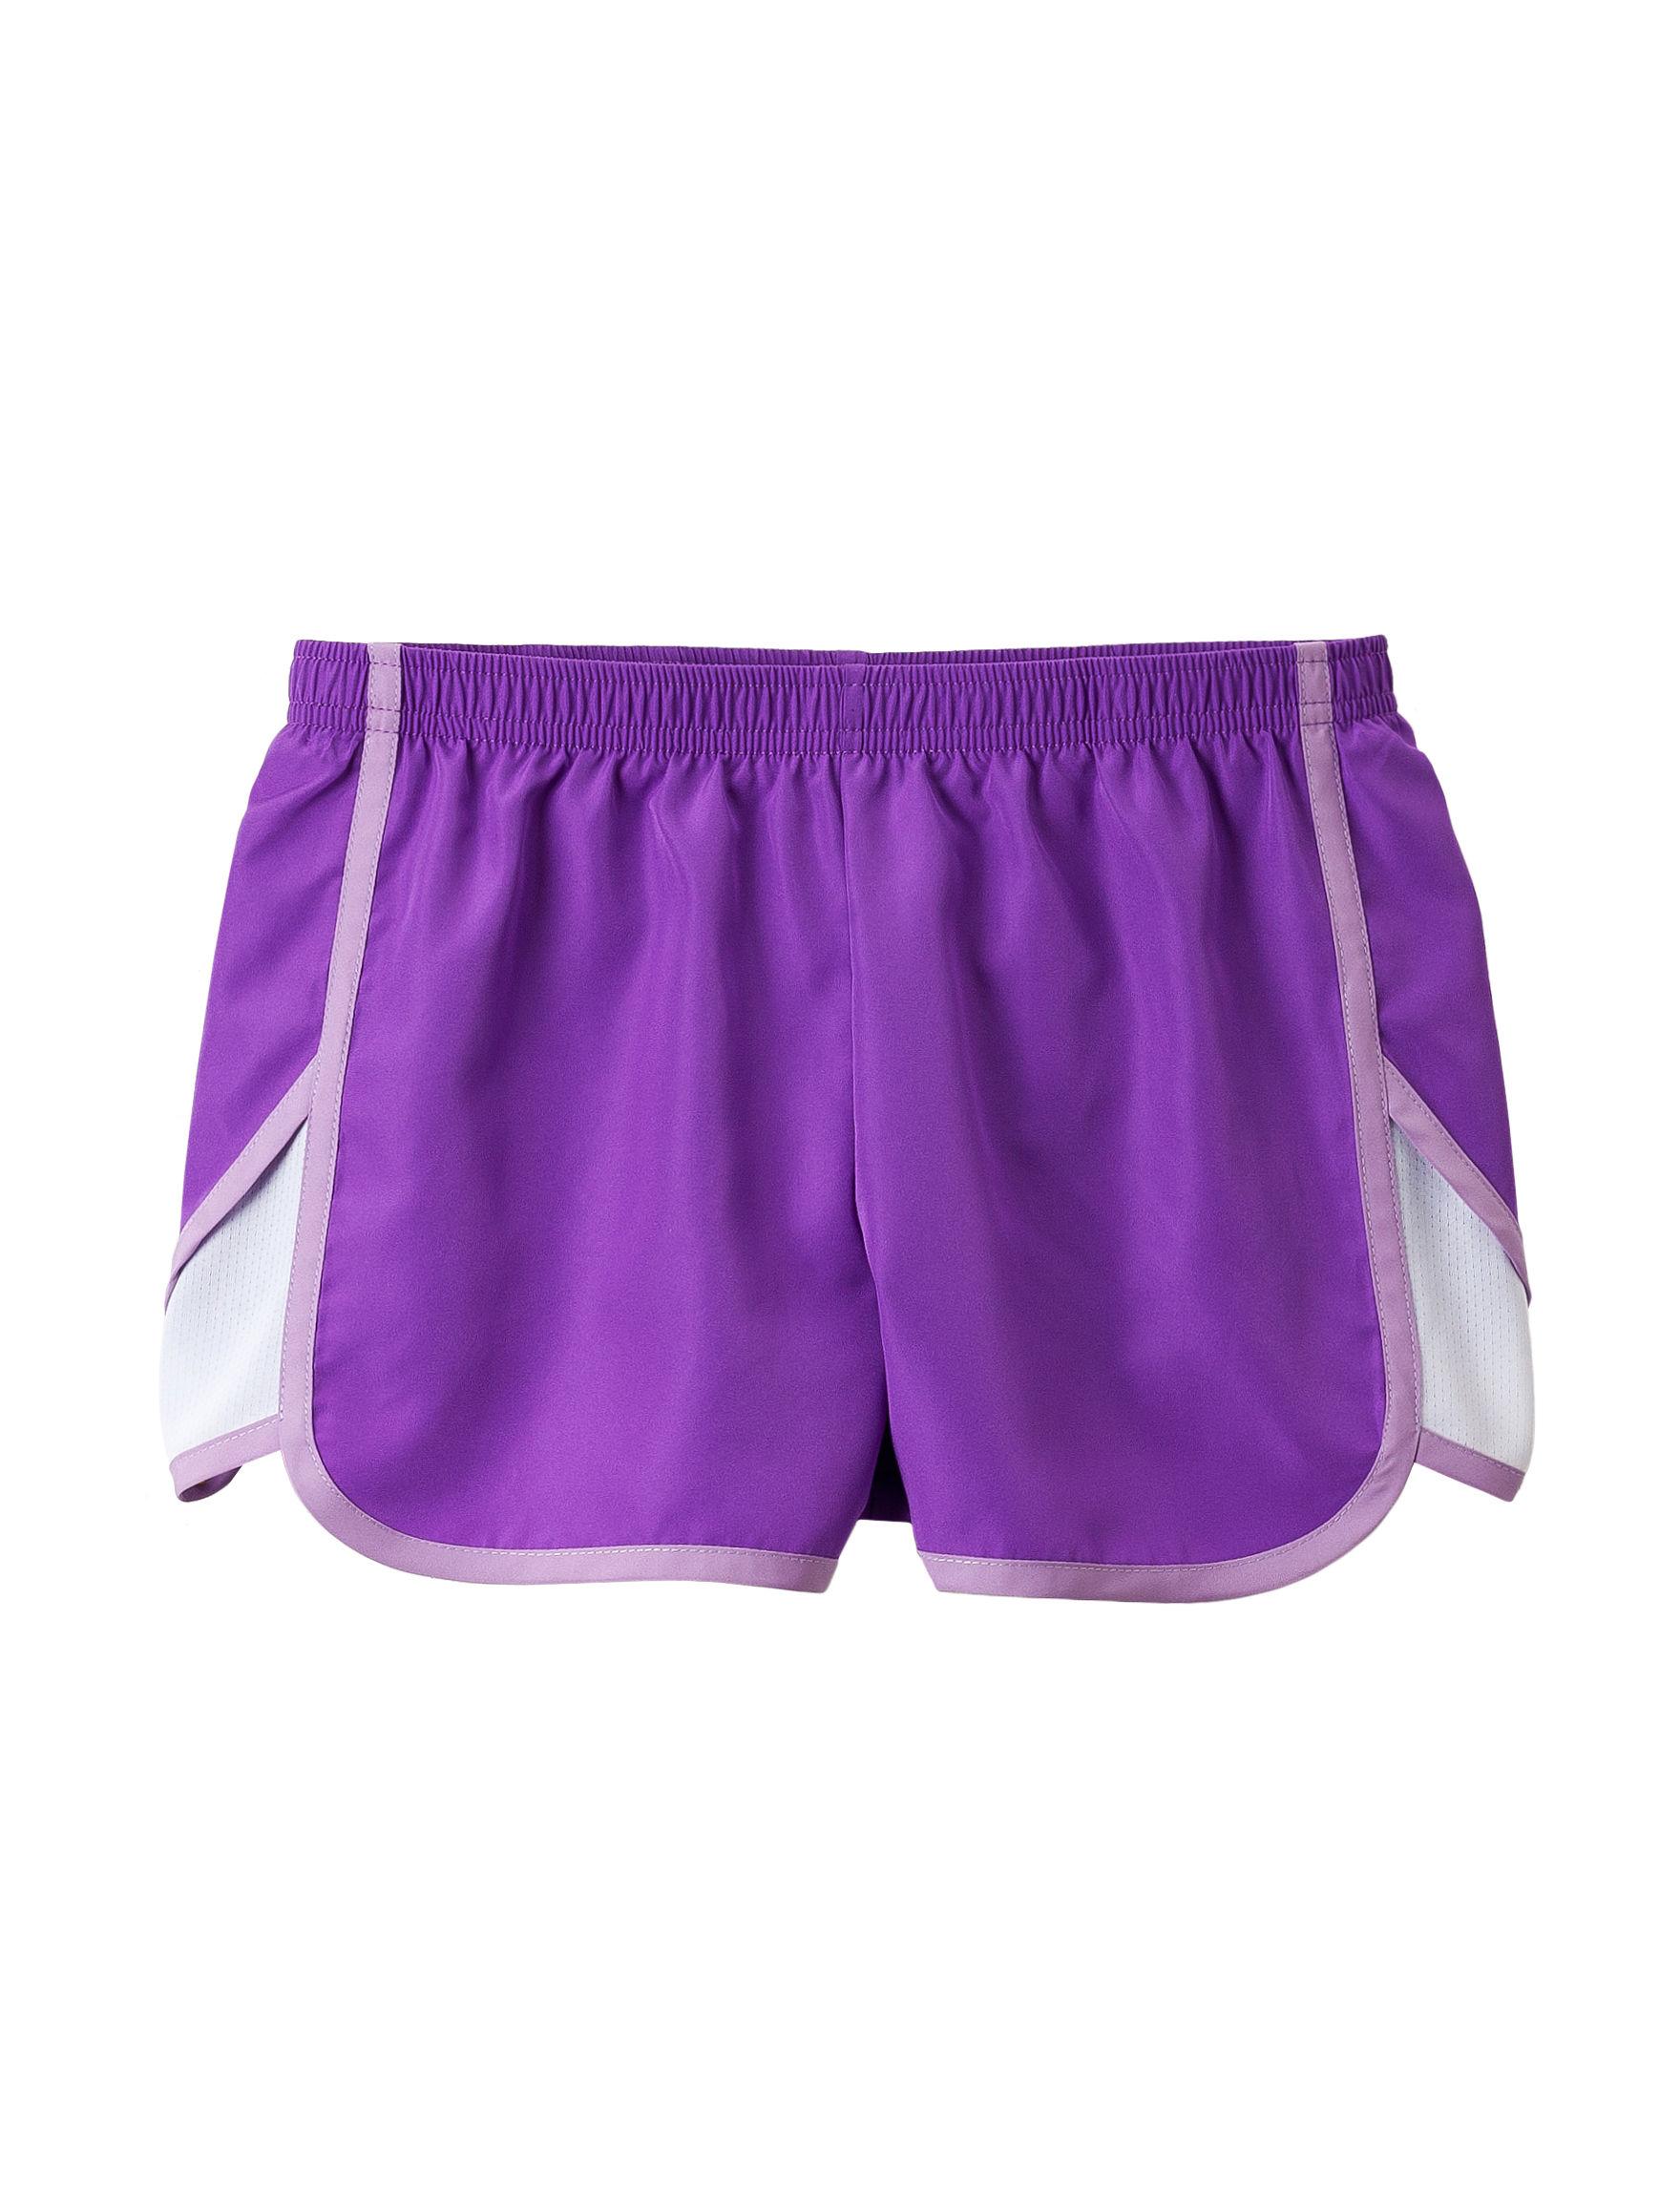 Wishful Park Purple Loose